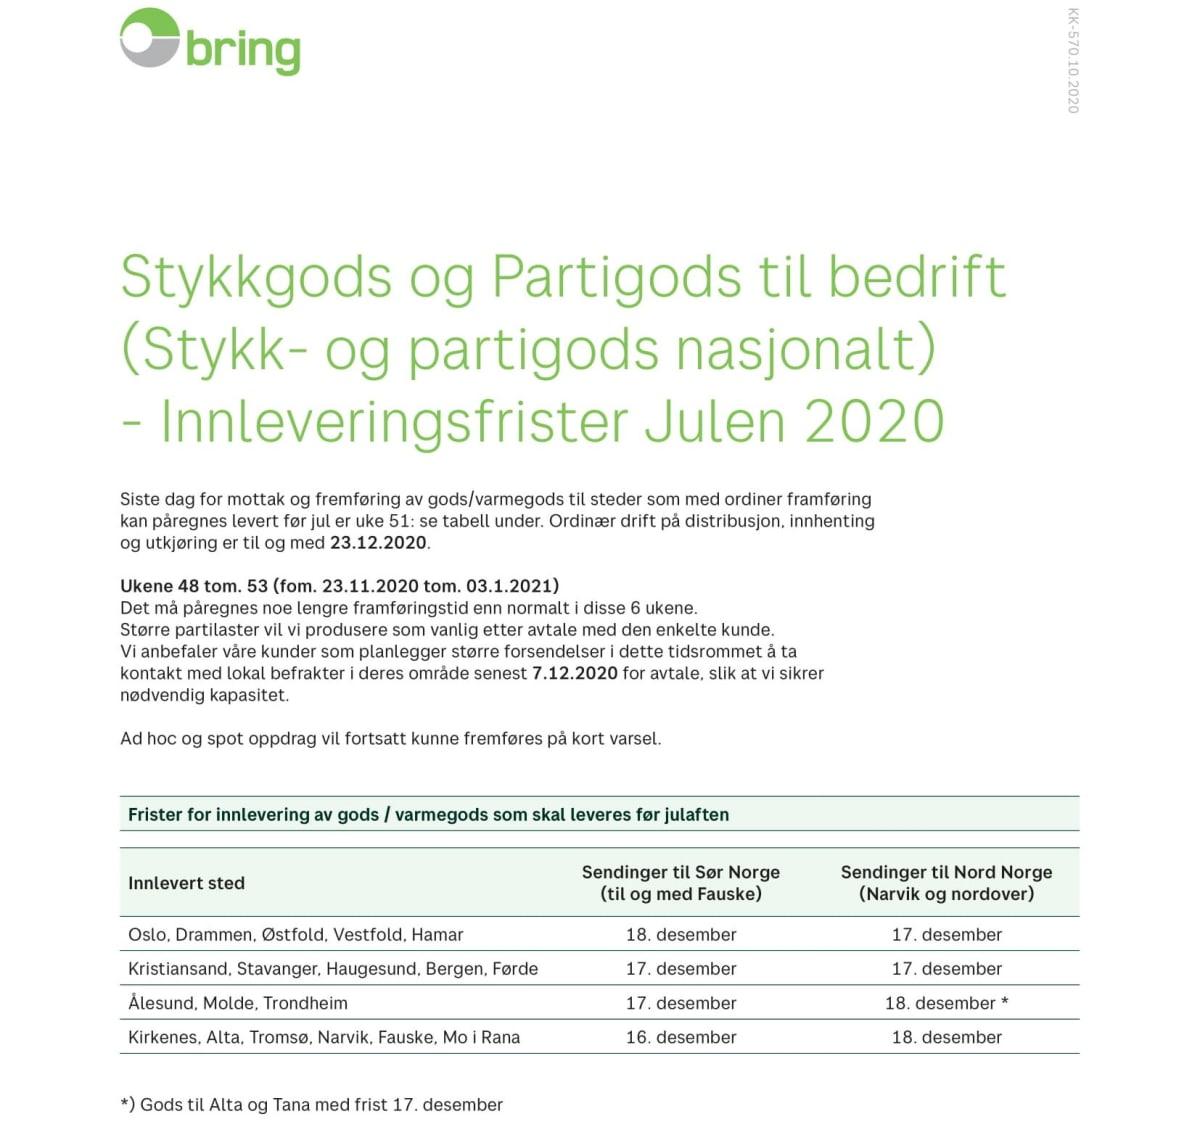 Innleveringsfrister stykk- og partigods julen 2020